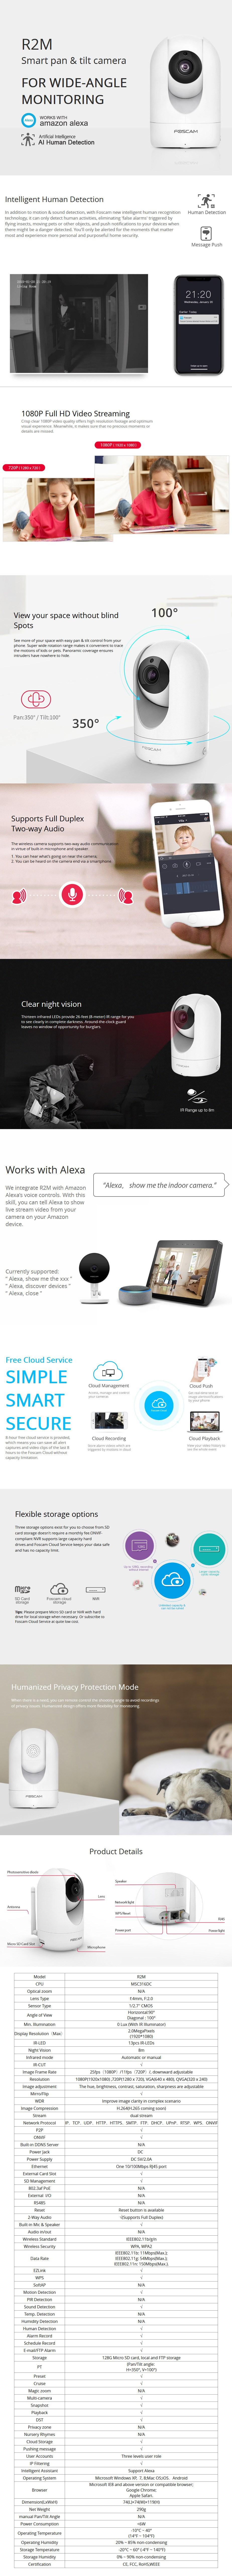 foscam-r2m-2mp-smart-pan-and-tilt-wireless-indoor-ip-camera-ac26862-5.jpg